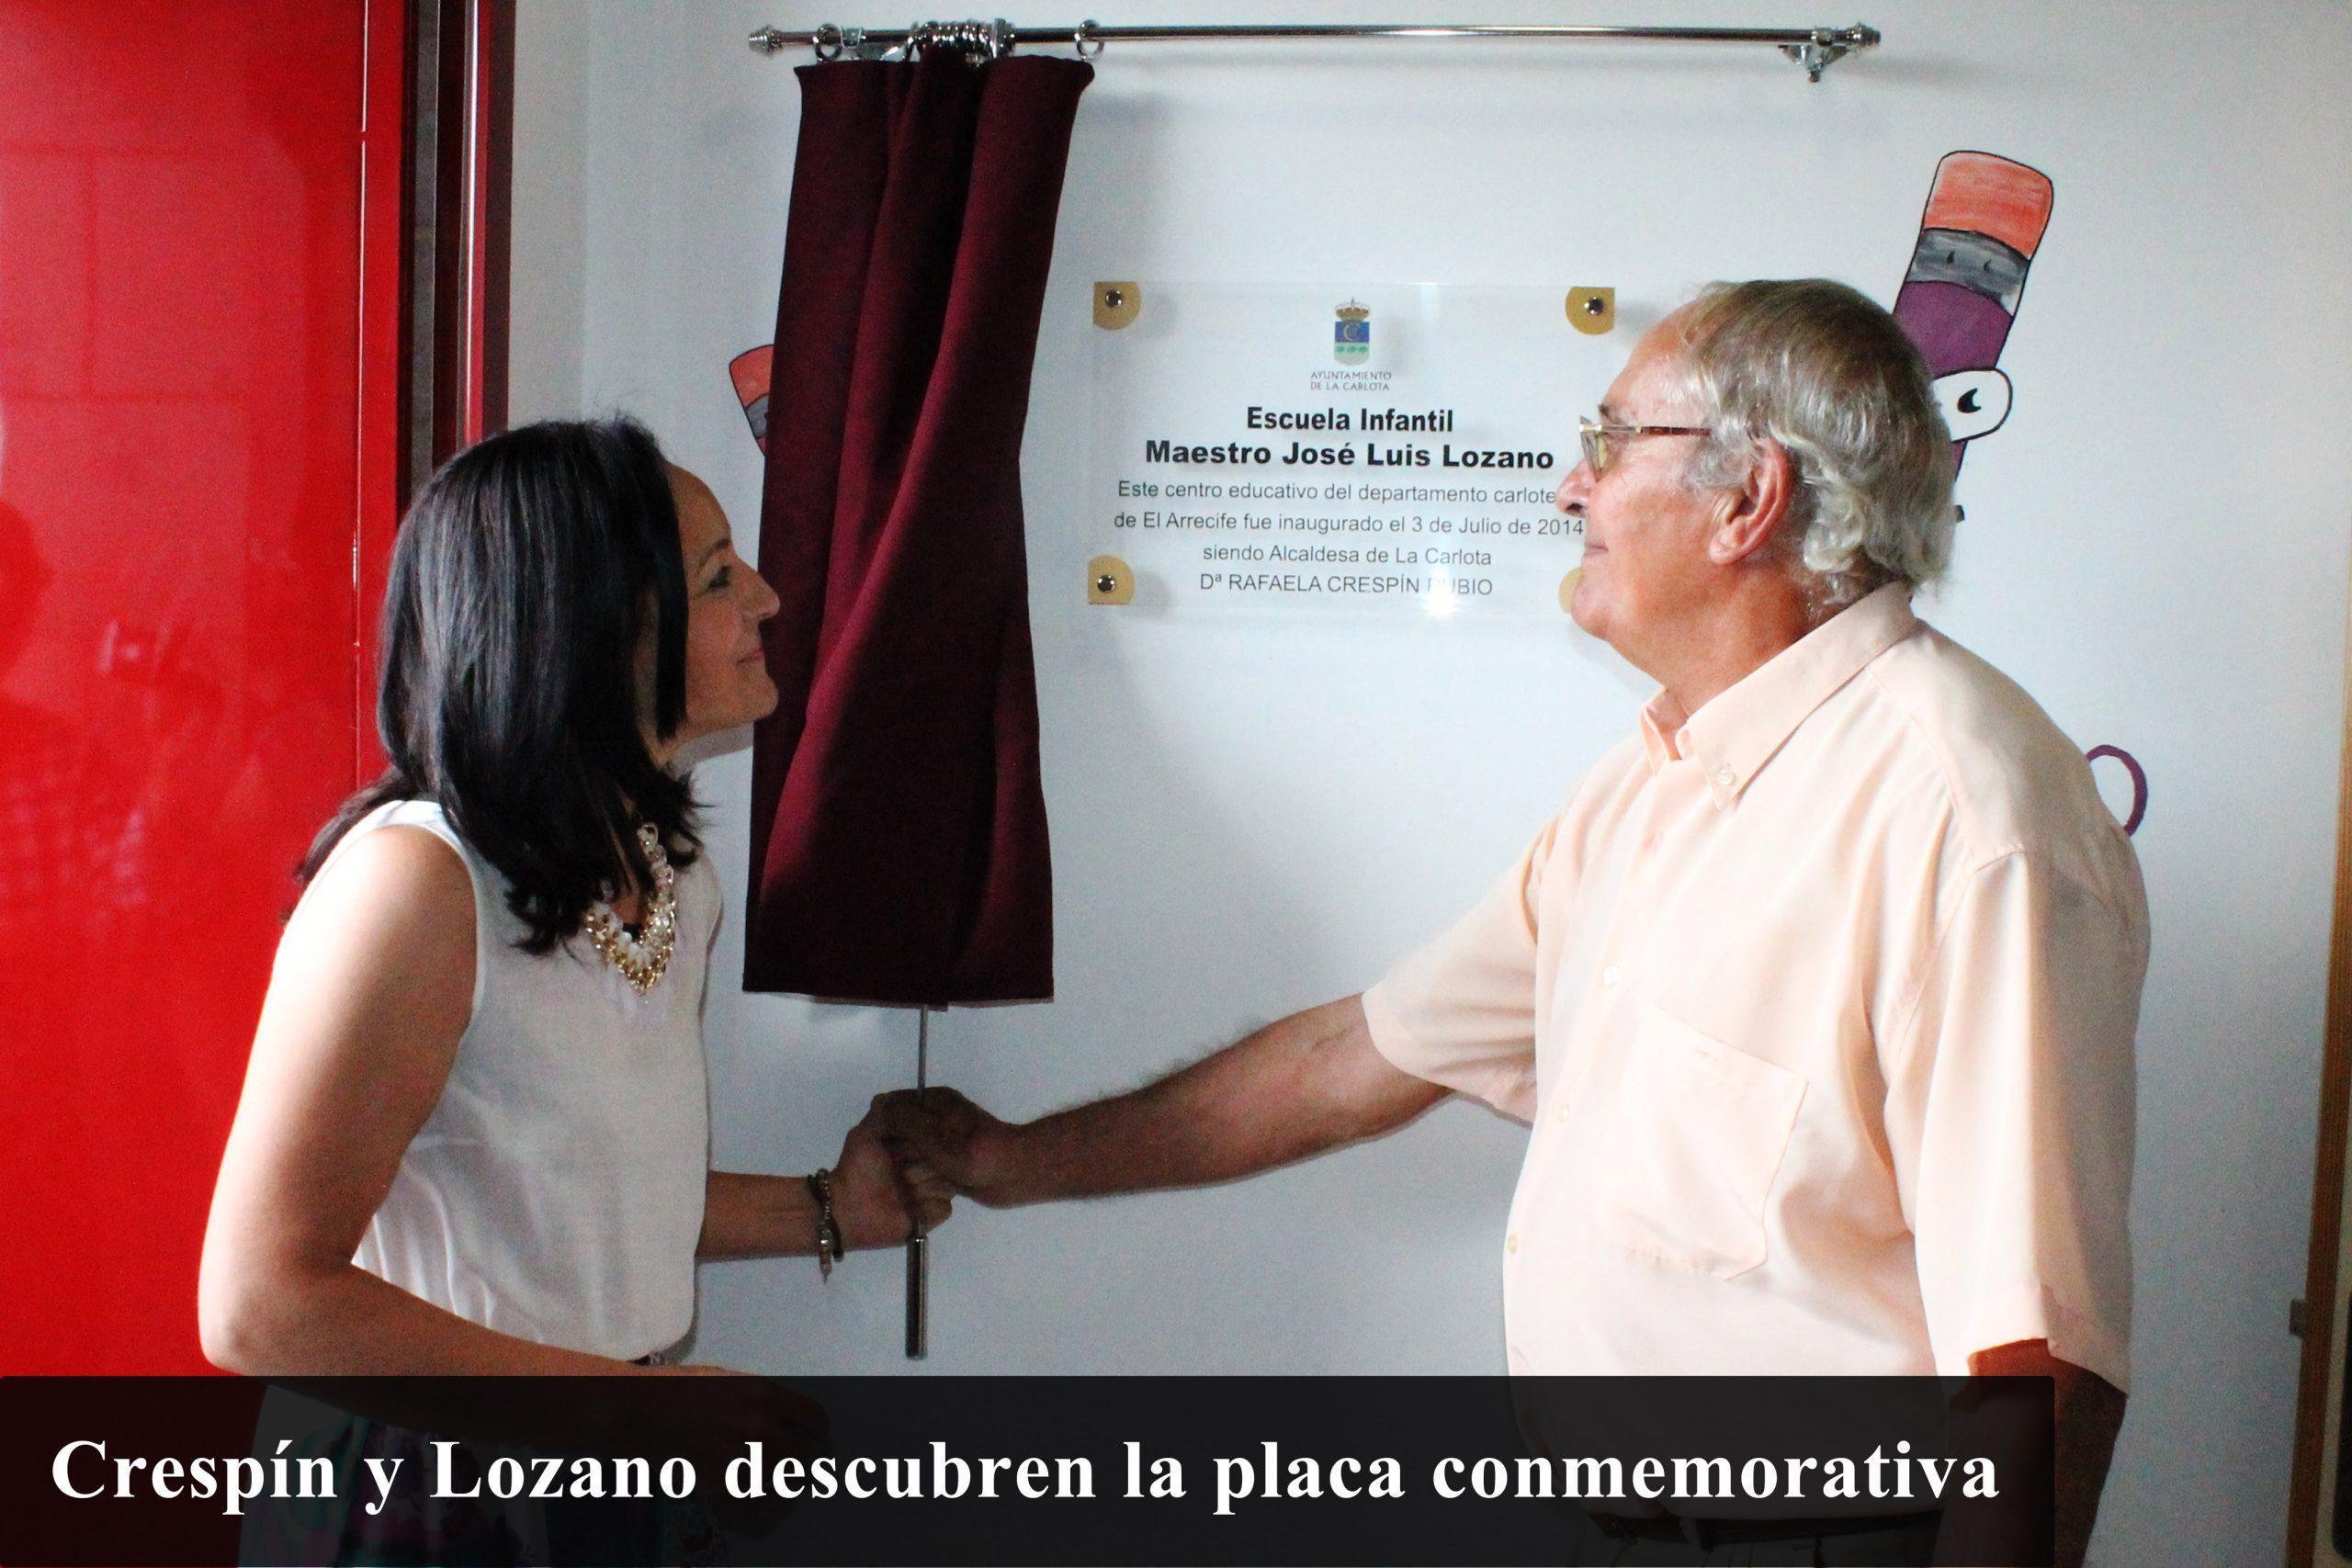 Inaugurada la nueva Escuela Infantil 'Maestro José Luis Lozano'  1